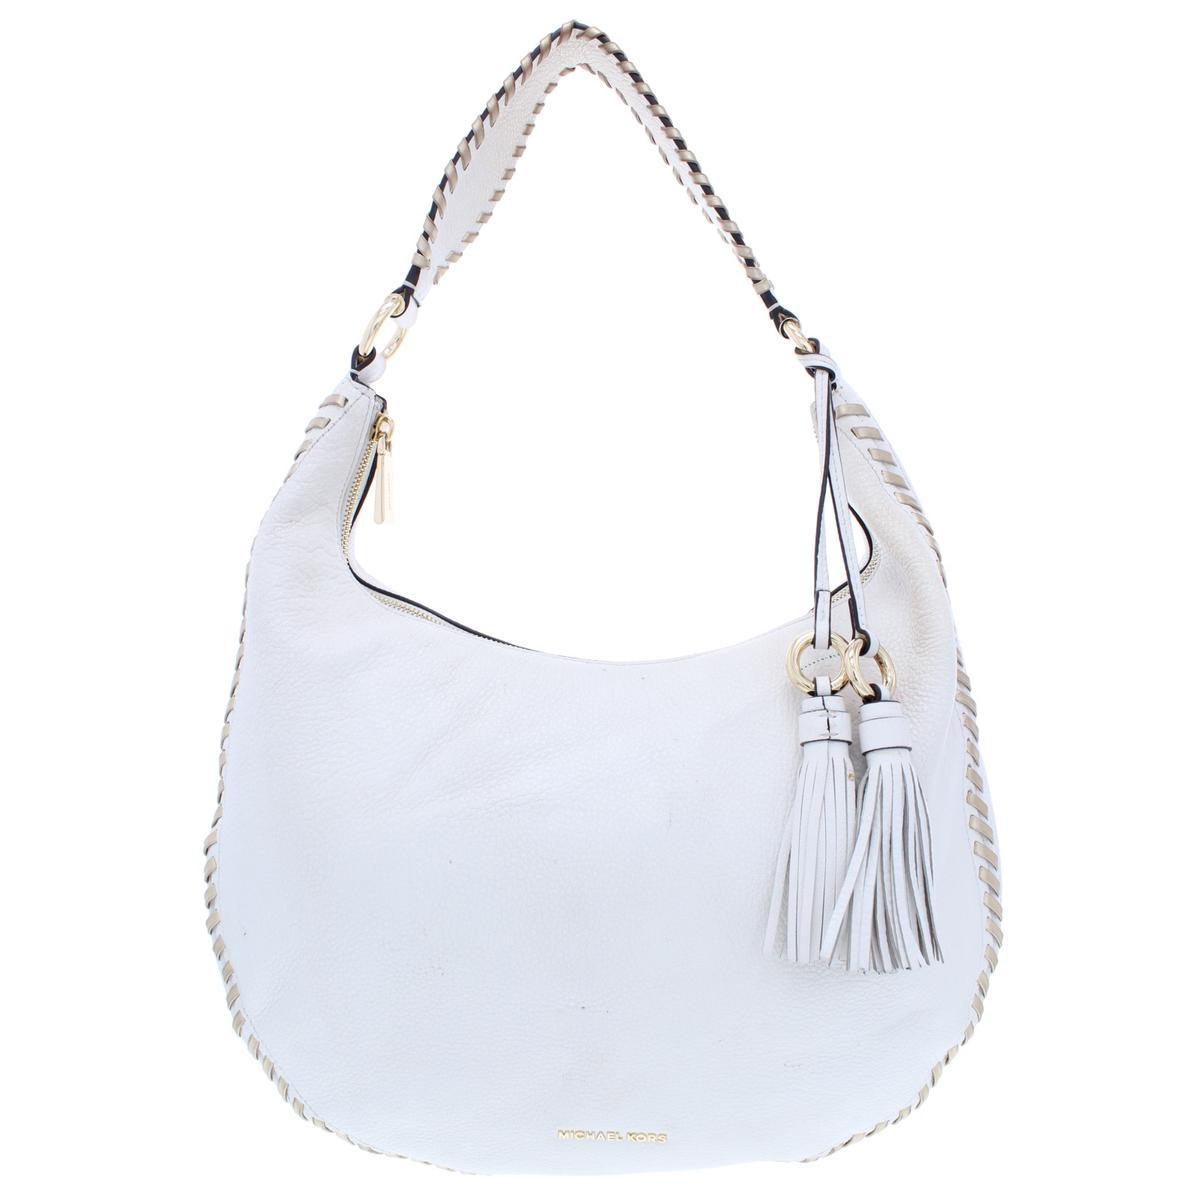 b2ab6d96e4 Details about Michael Kors Womens Lauryn White Leather Shoulder Handbag  Purse Large BHFO 8013